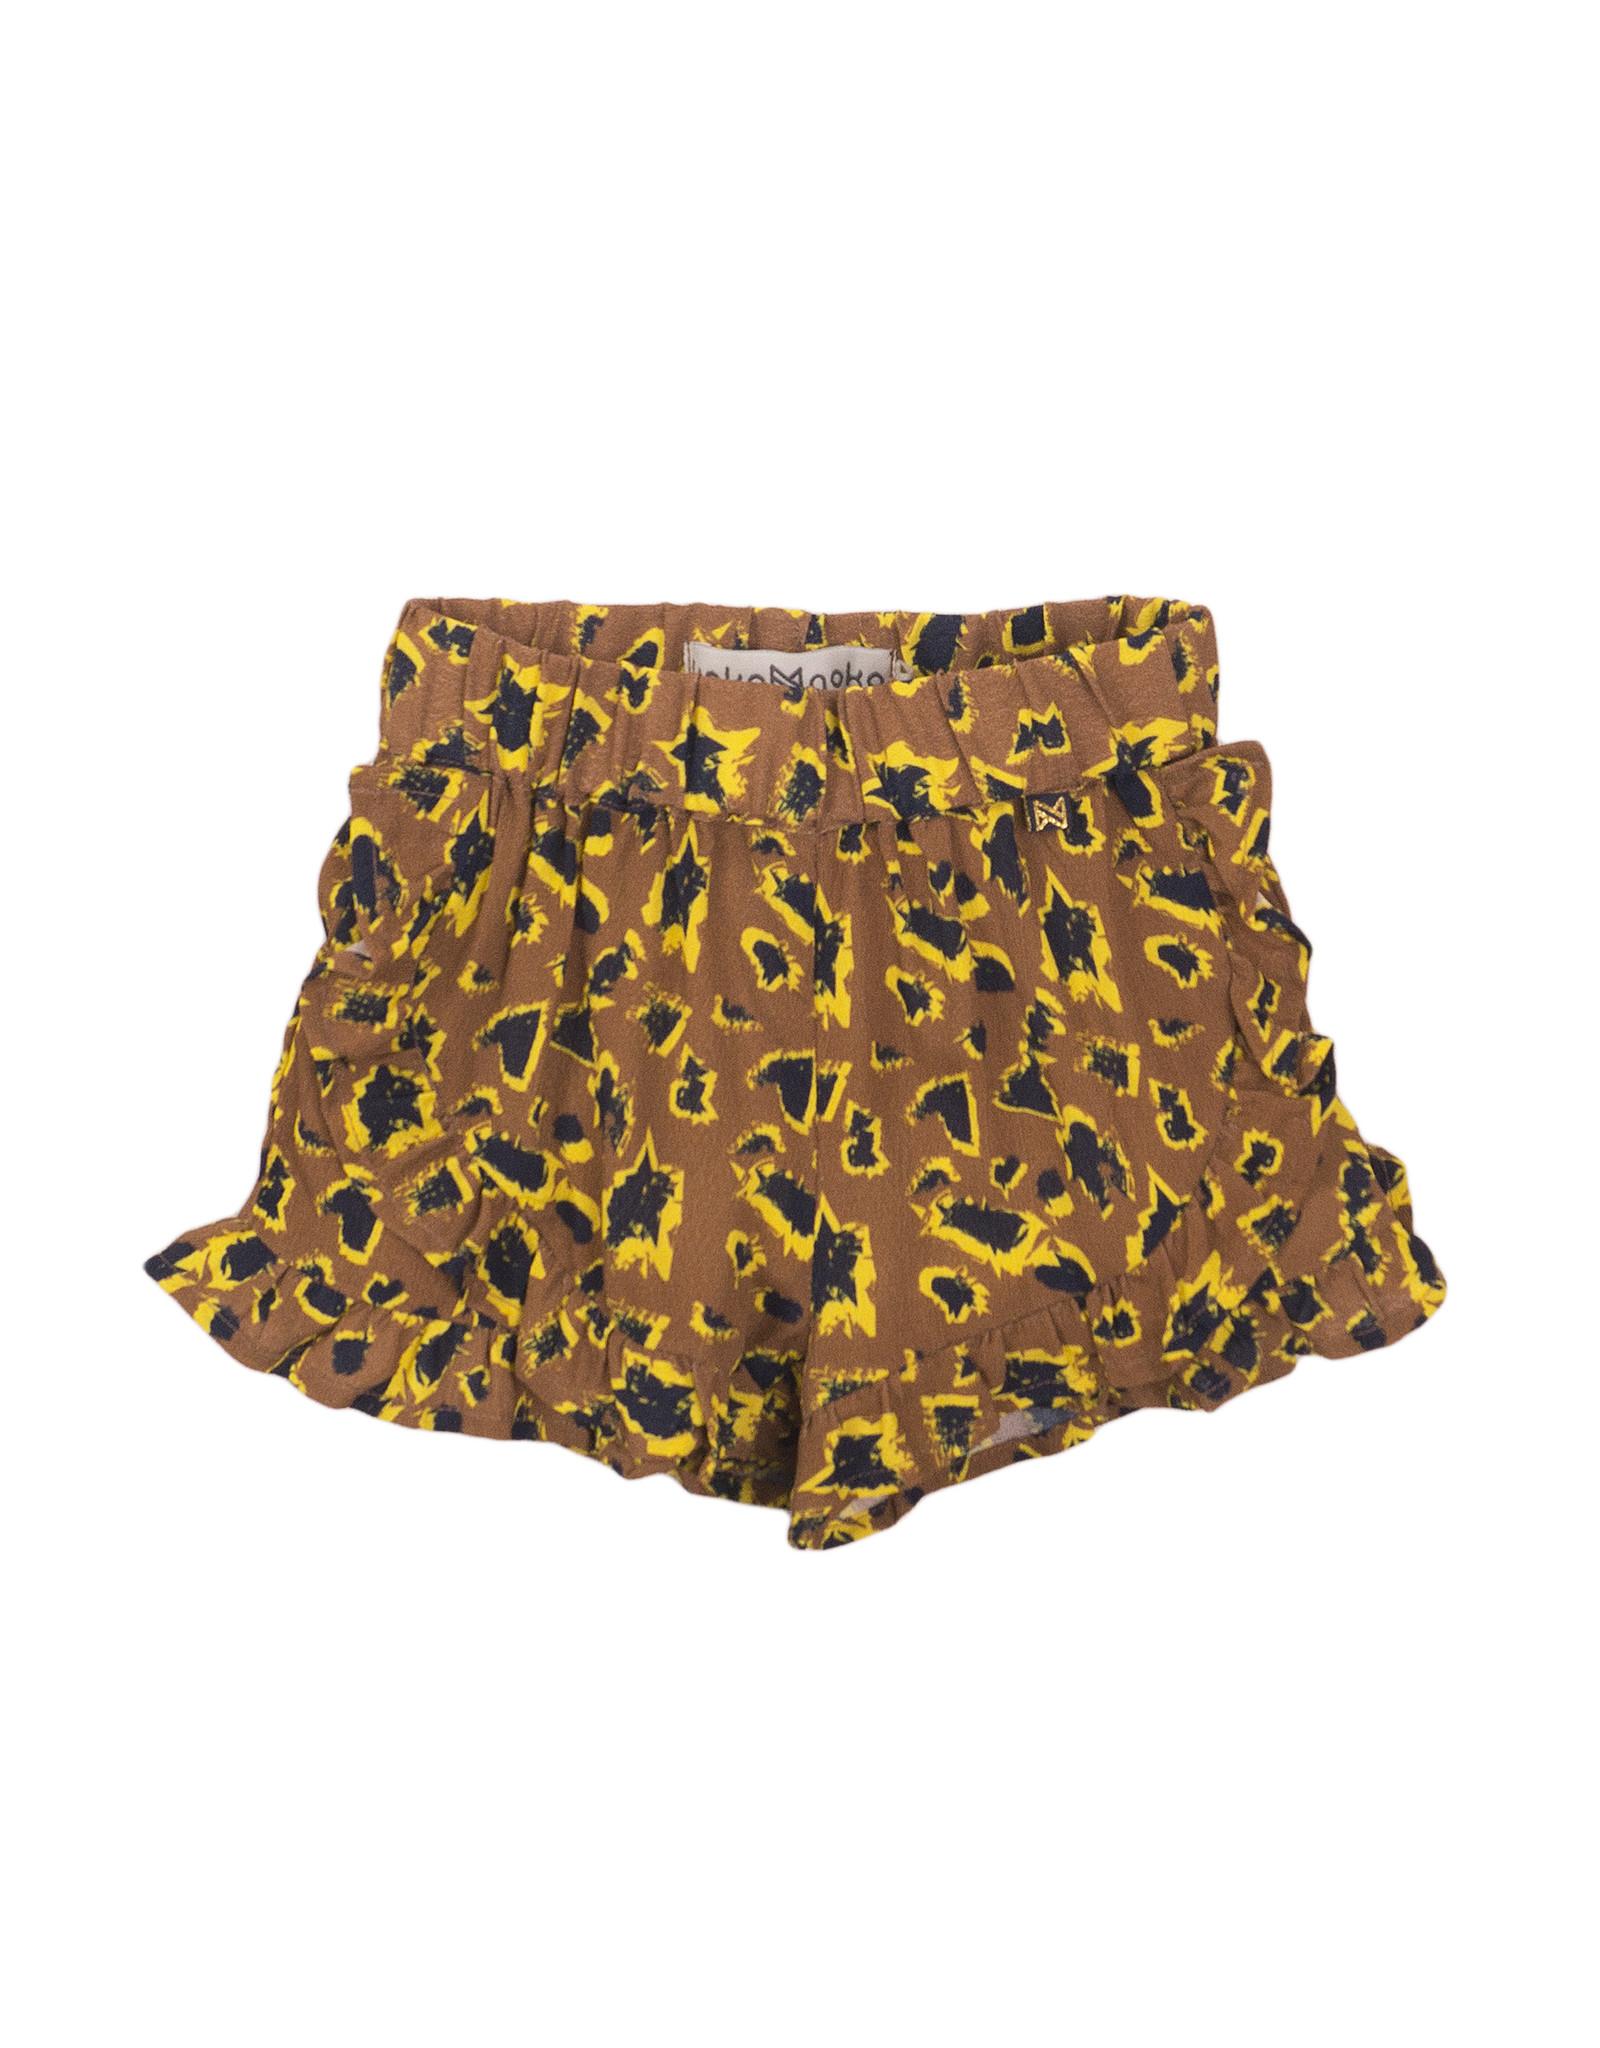 Koko Noko Shorts, Camel + aop, SS21